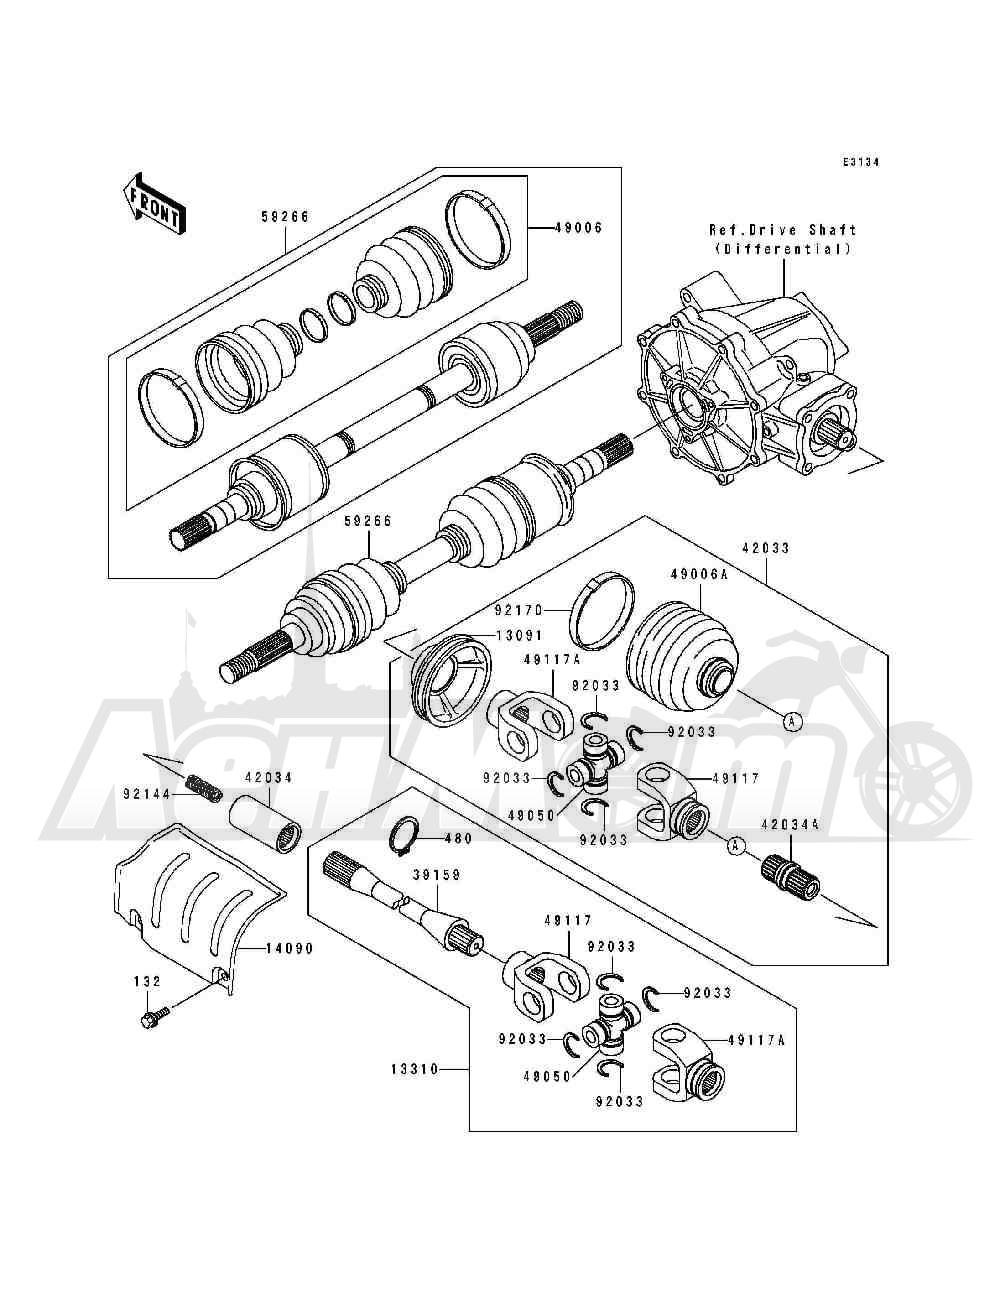 Запчасти для Квадроцикла Kawasaki 1994 BAYOU 400 4X4 (KLF400-B2) Раздел: DRIVE SHAFT(FRONT)(KLF400-B1 / B2) | приводной вал (перед) (KLF400 B1/B2)